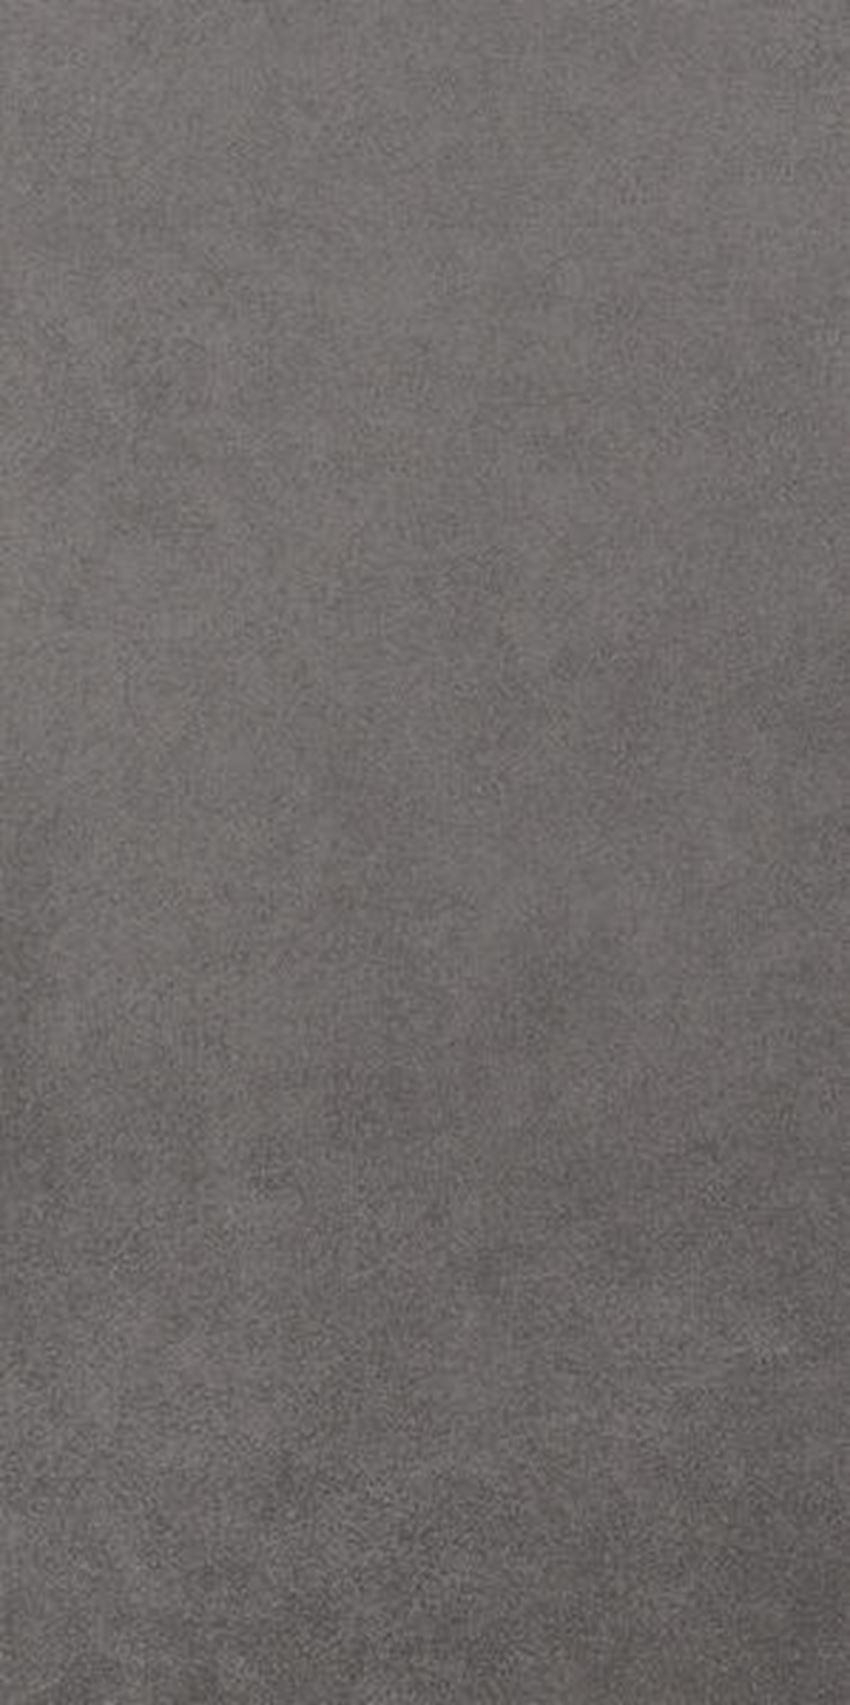 Płytka ścienno-podłogowa 29,8x59,8cm Paradyż Tero Nero Gres Rekt. Półpoler